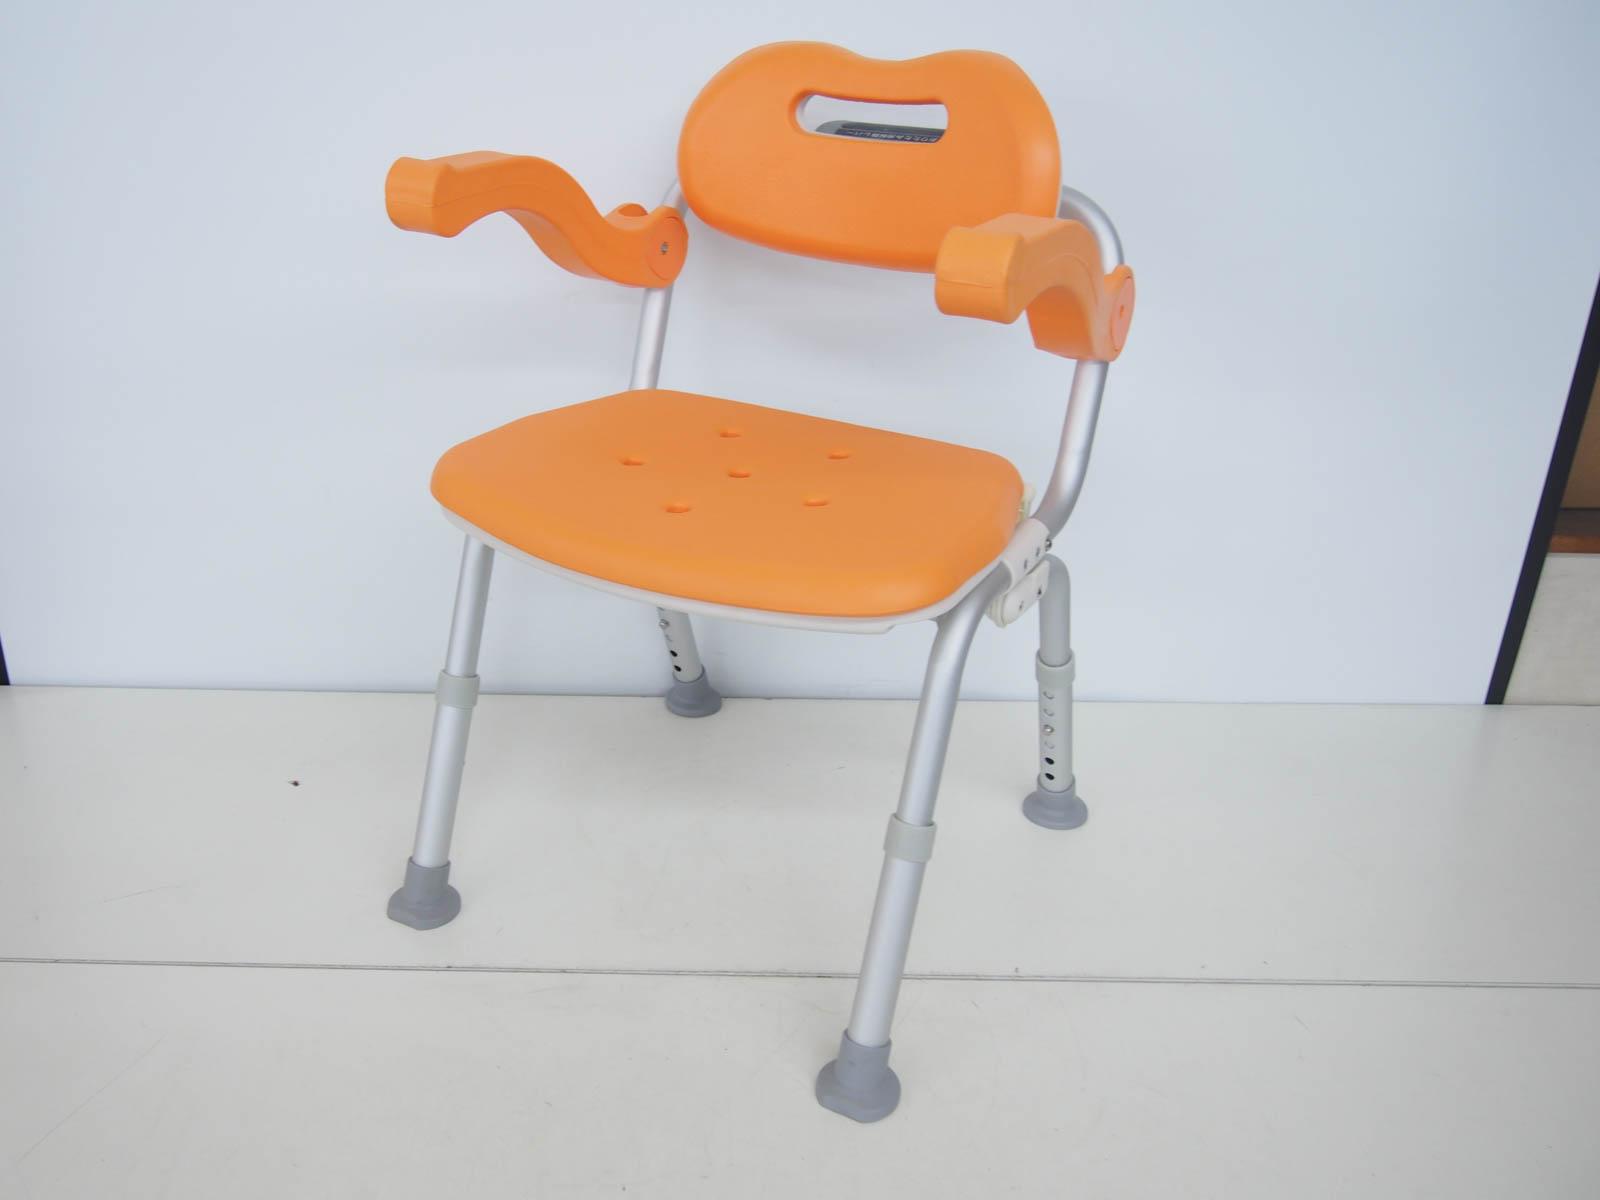 【中古】パナソニックエイジフリーライフテック シャワーチェア ユクリア ミドルSPワンタッチおりたたみ PN-L41811D お風呂椅子 オレンジ